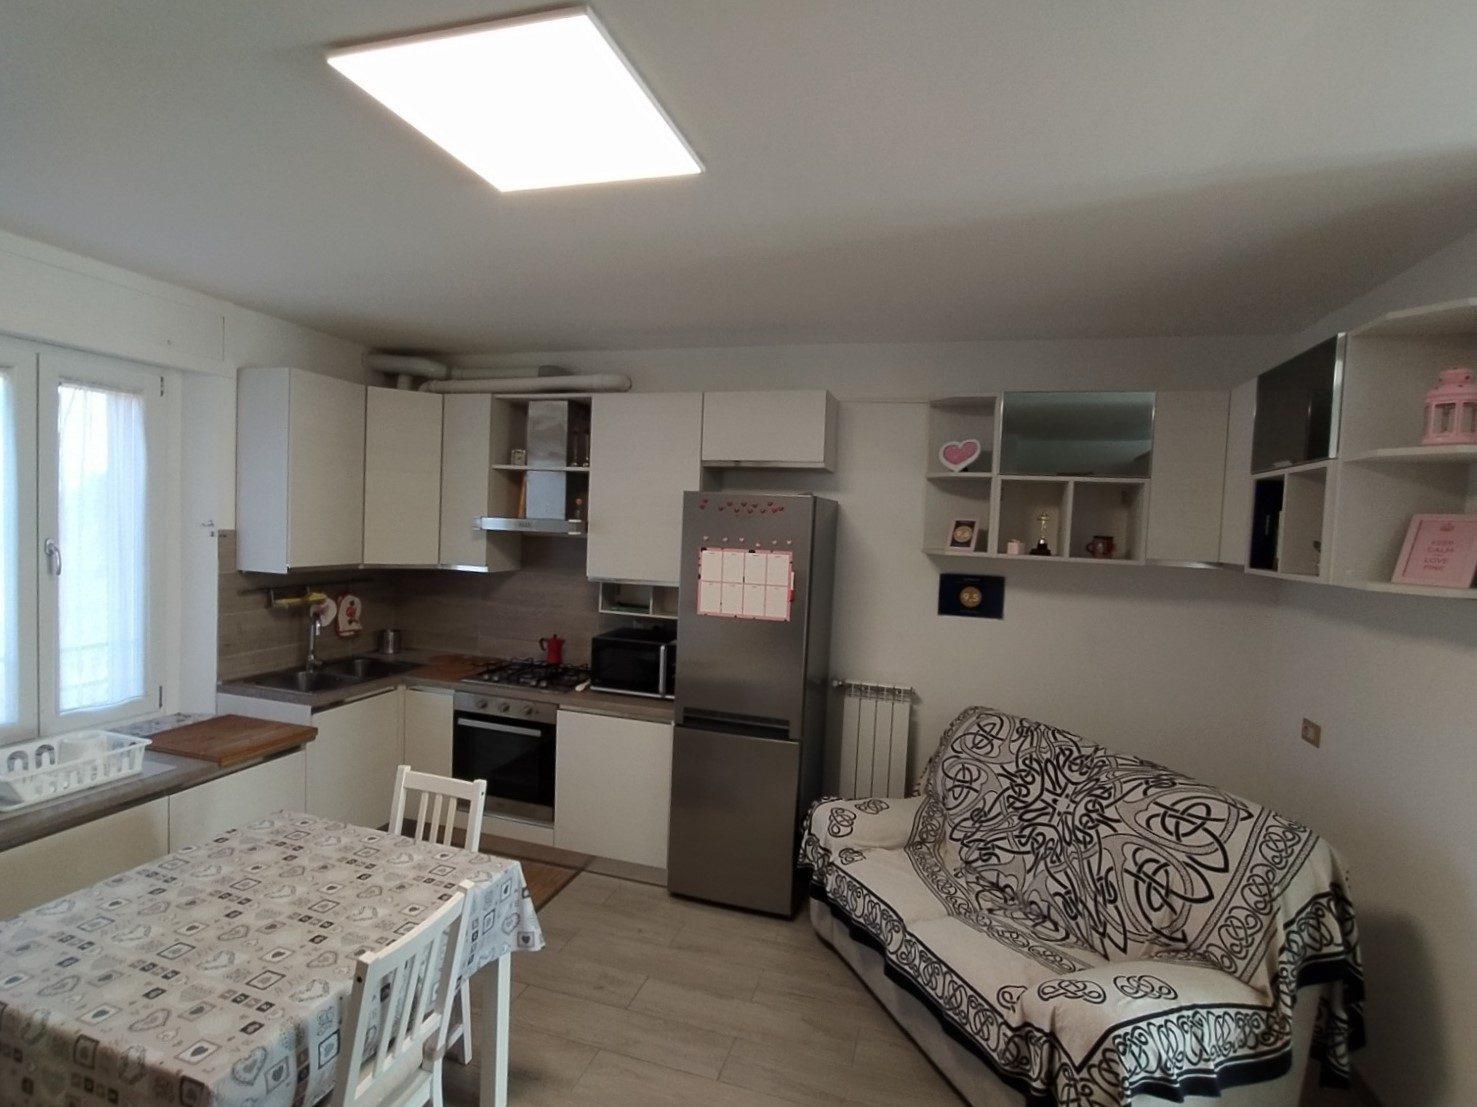 appartamento-in-vendita-a-rho-spaziourbano-immobiliare-vende-monolocale-mono-milano-fiera-8